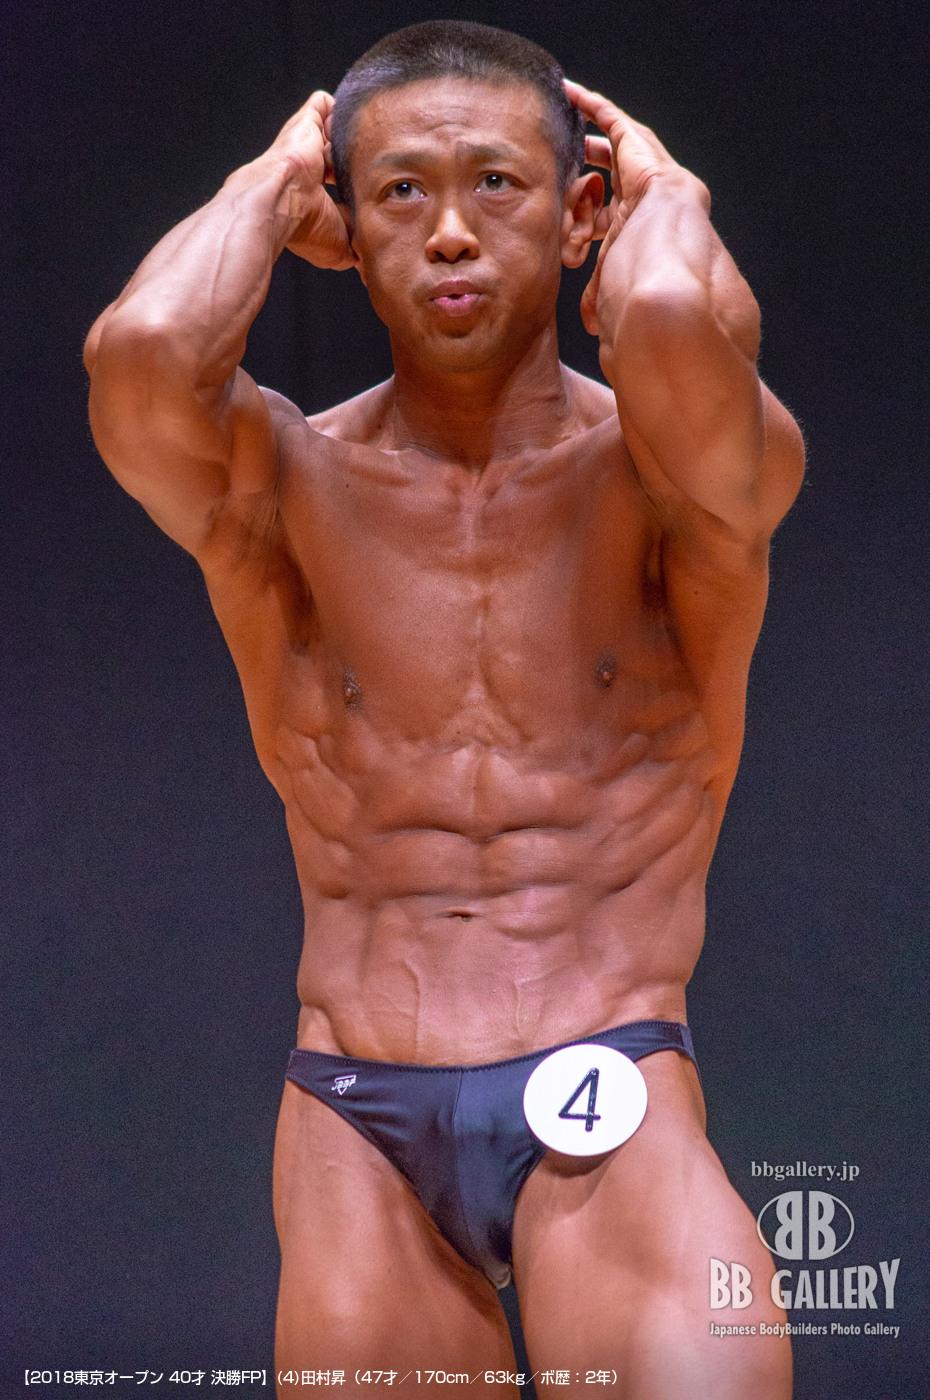 【2018東京オープン 40才 決勝FP】(4)田村昇(47才/170cm/63kg/ボ歴:2年)